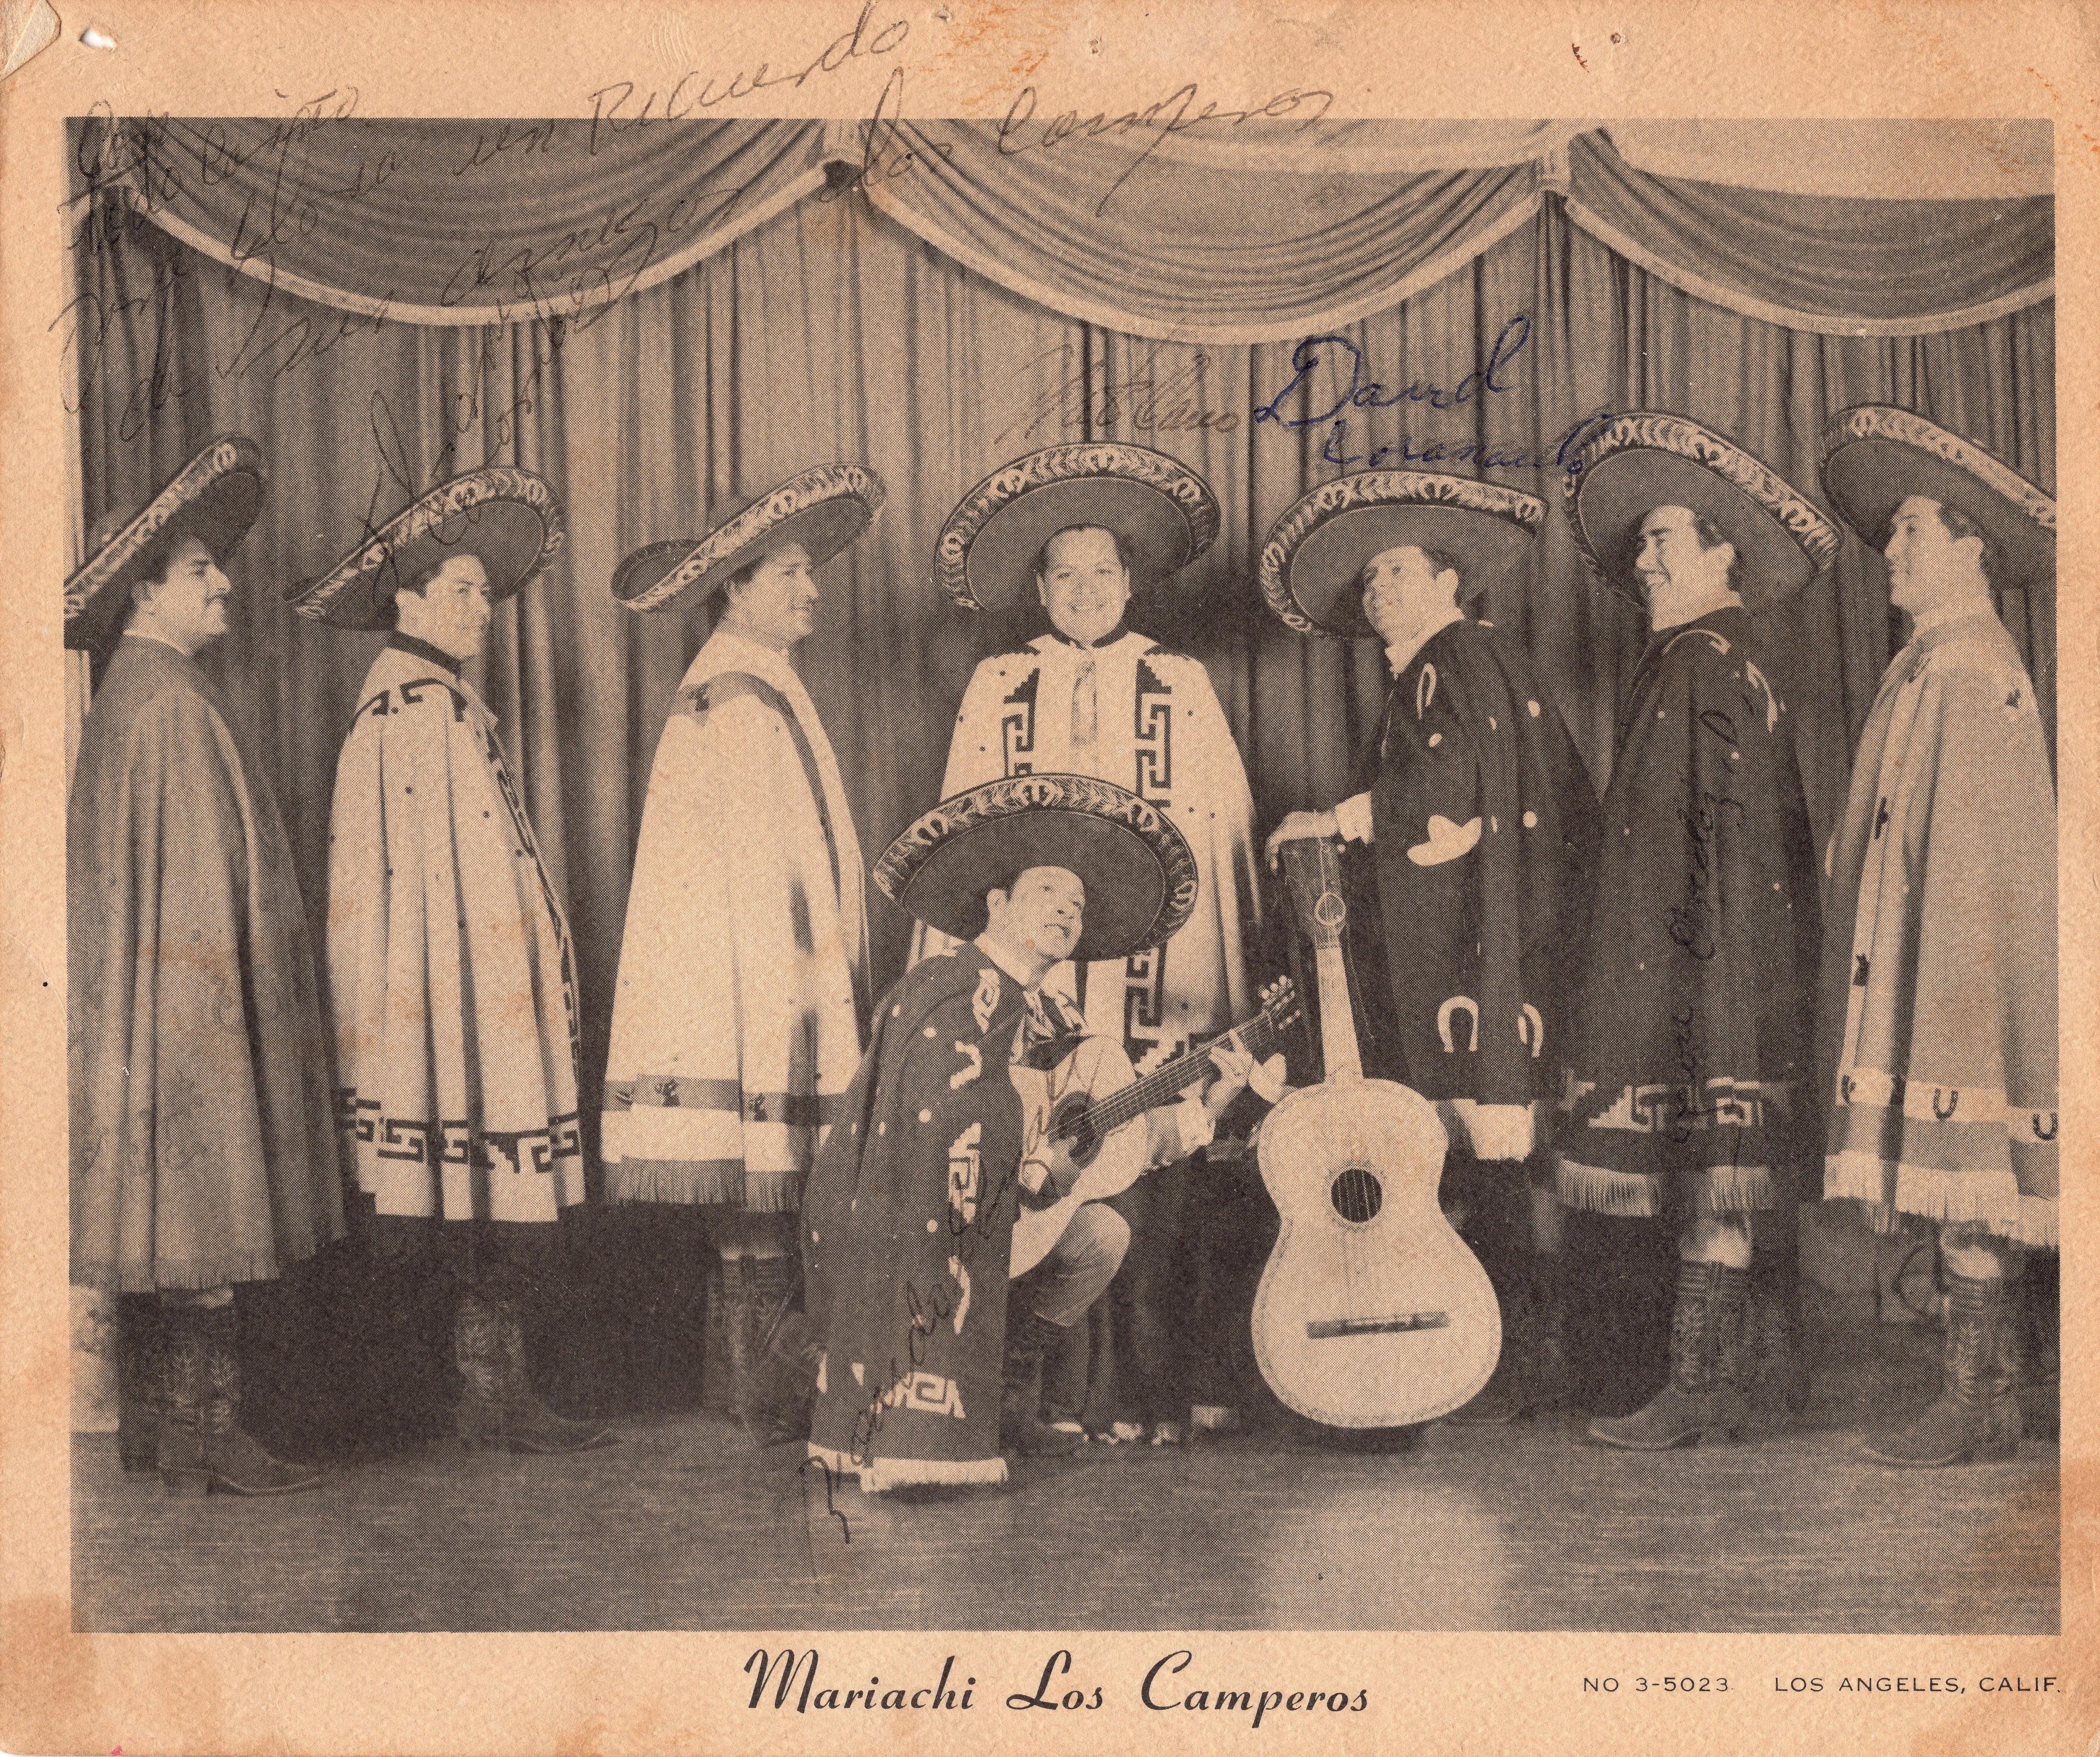 Mariachi Los Camperos 1961